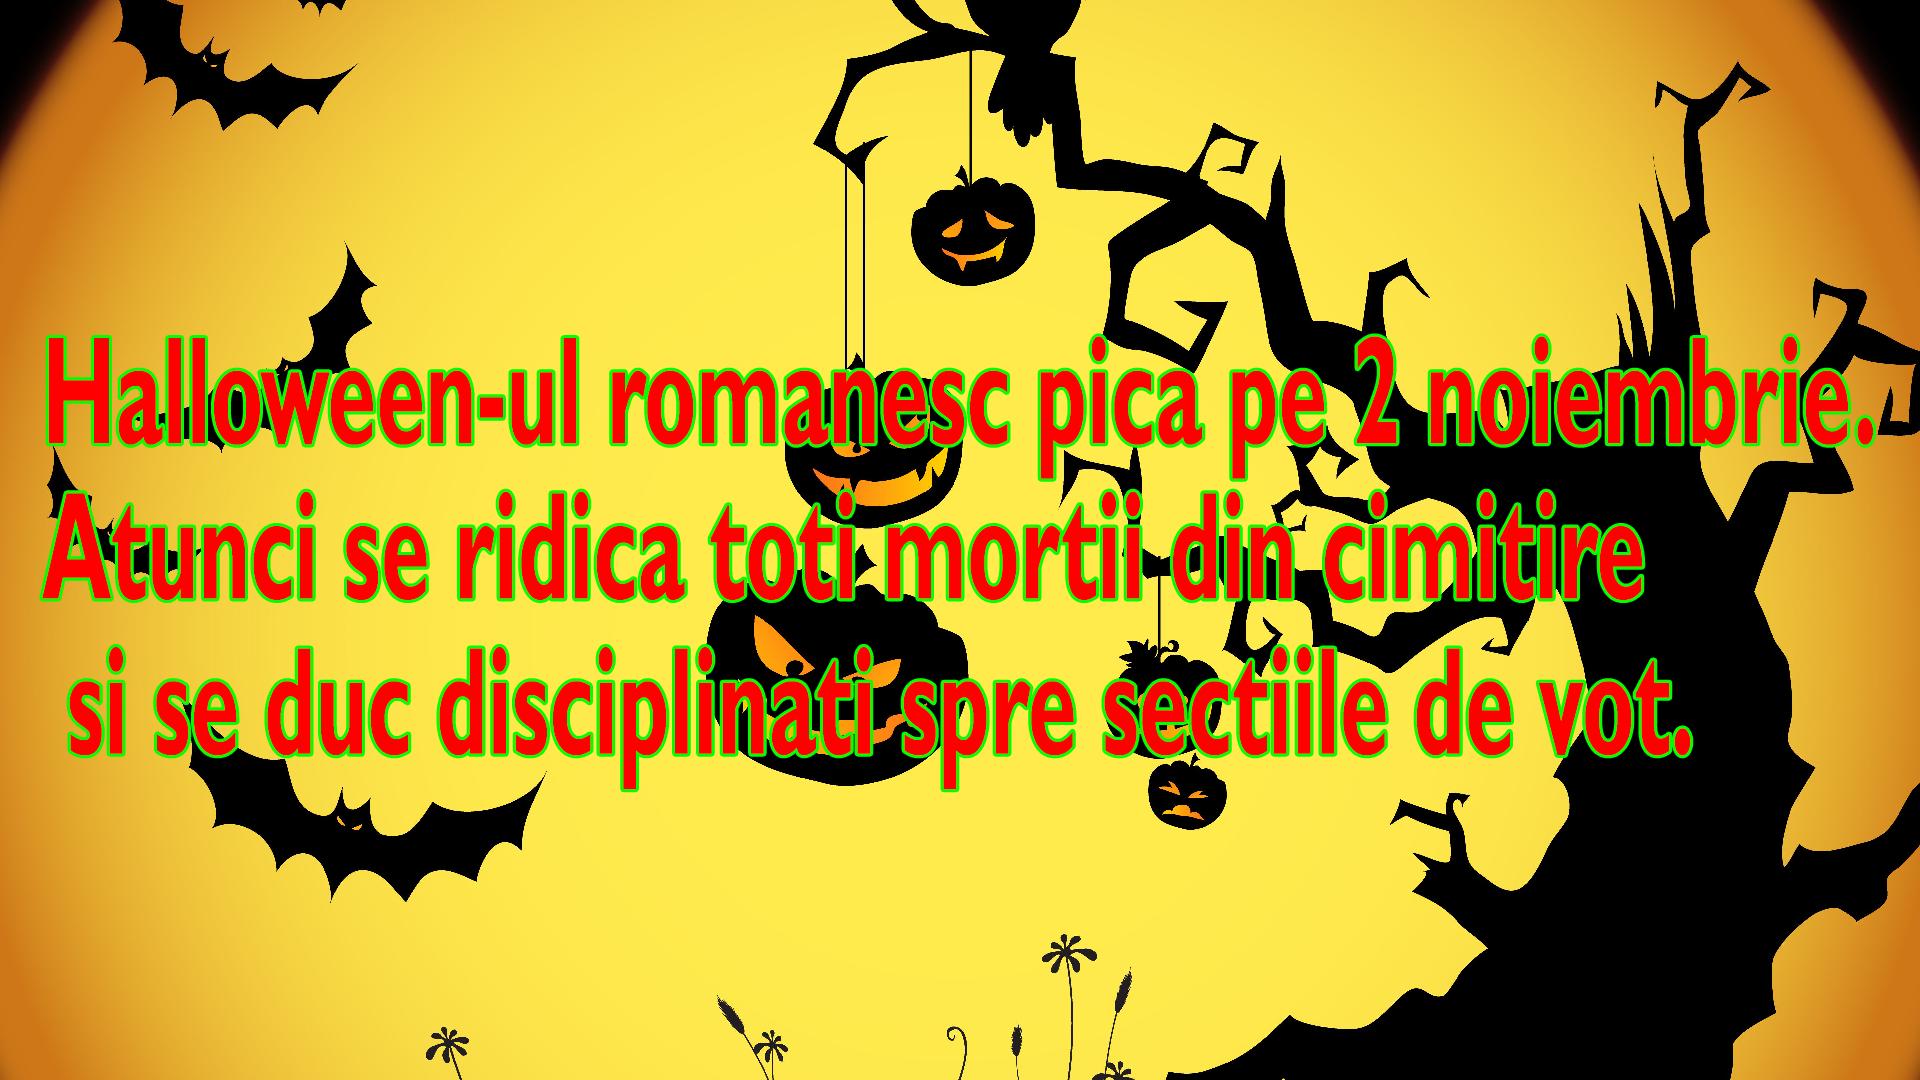 Halloween-ul va fi pe 2 noiembrie anul asta in Romania